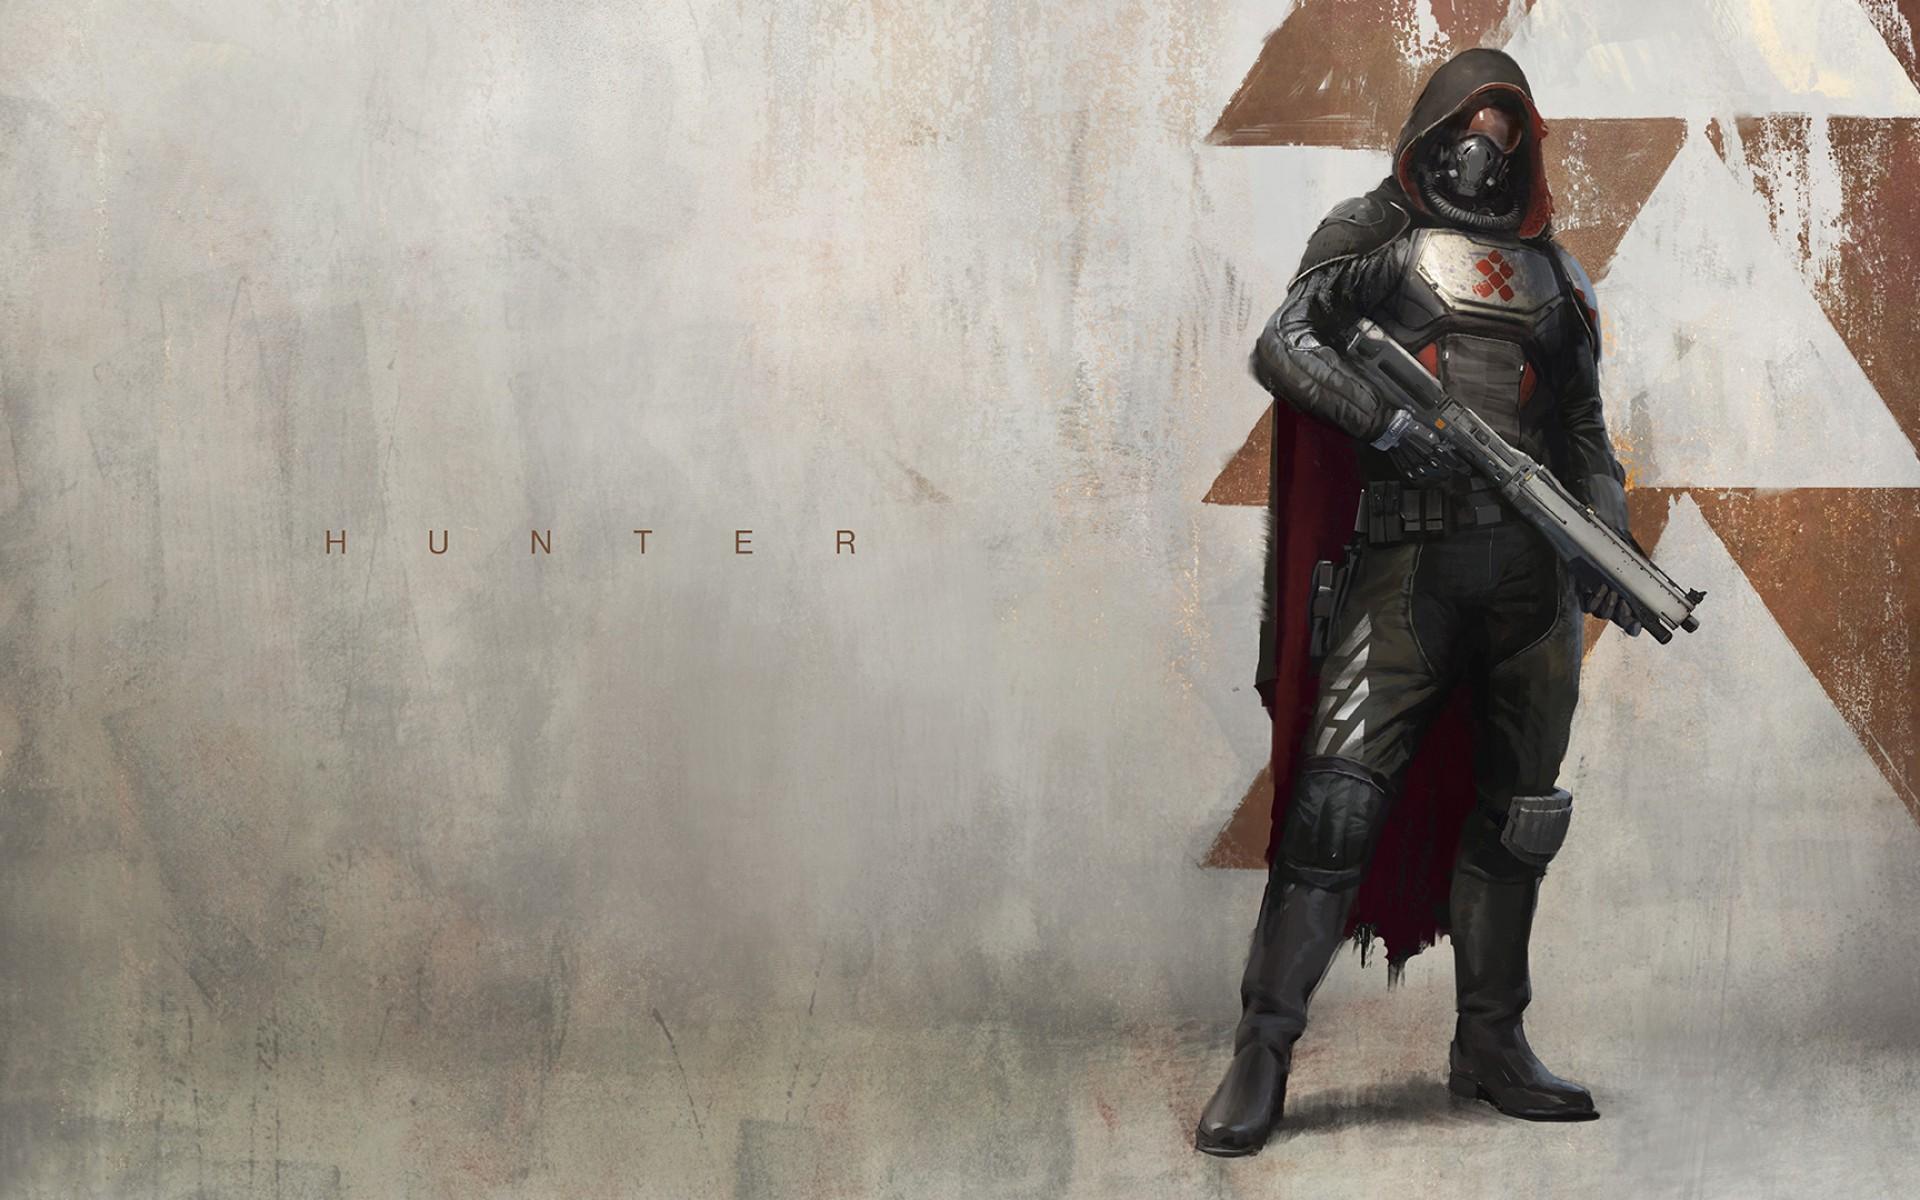 Destiny - Hunter wallpaper | 1920x1200 | 102142 | WallpaperUP